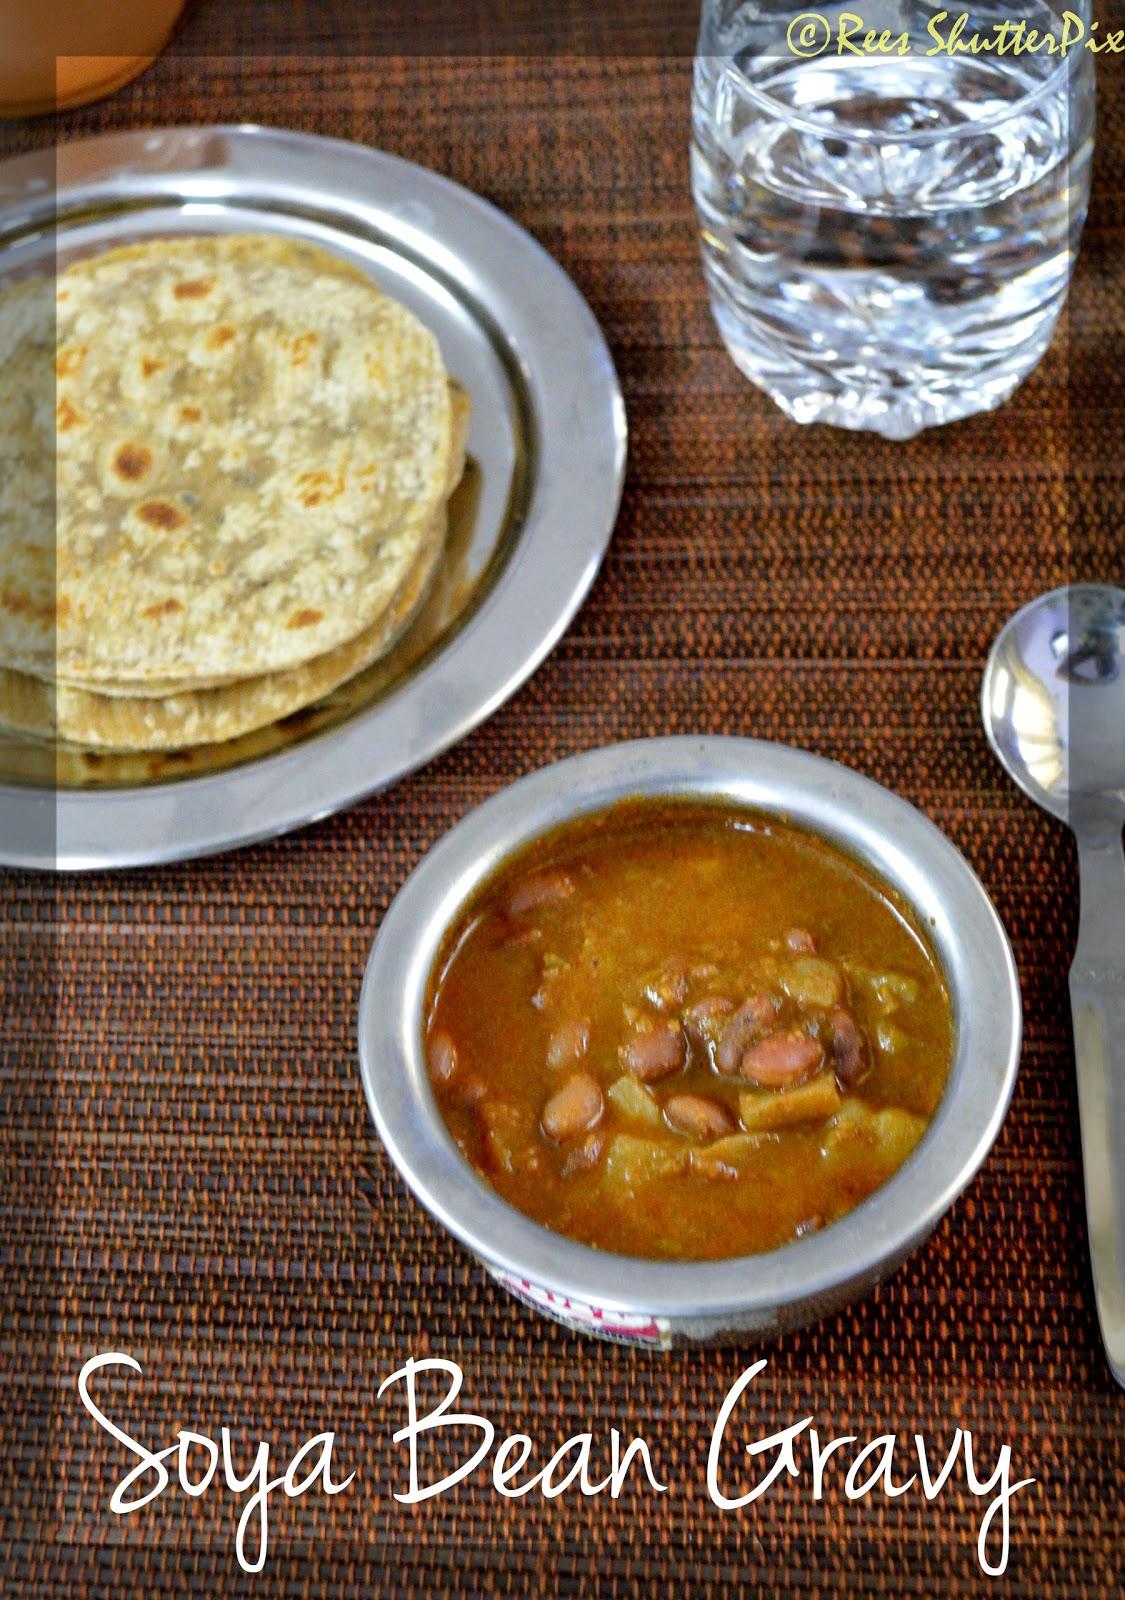 how to make soya beans gravy at home, easy soya beans recipe